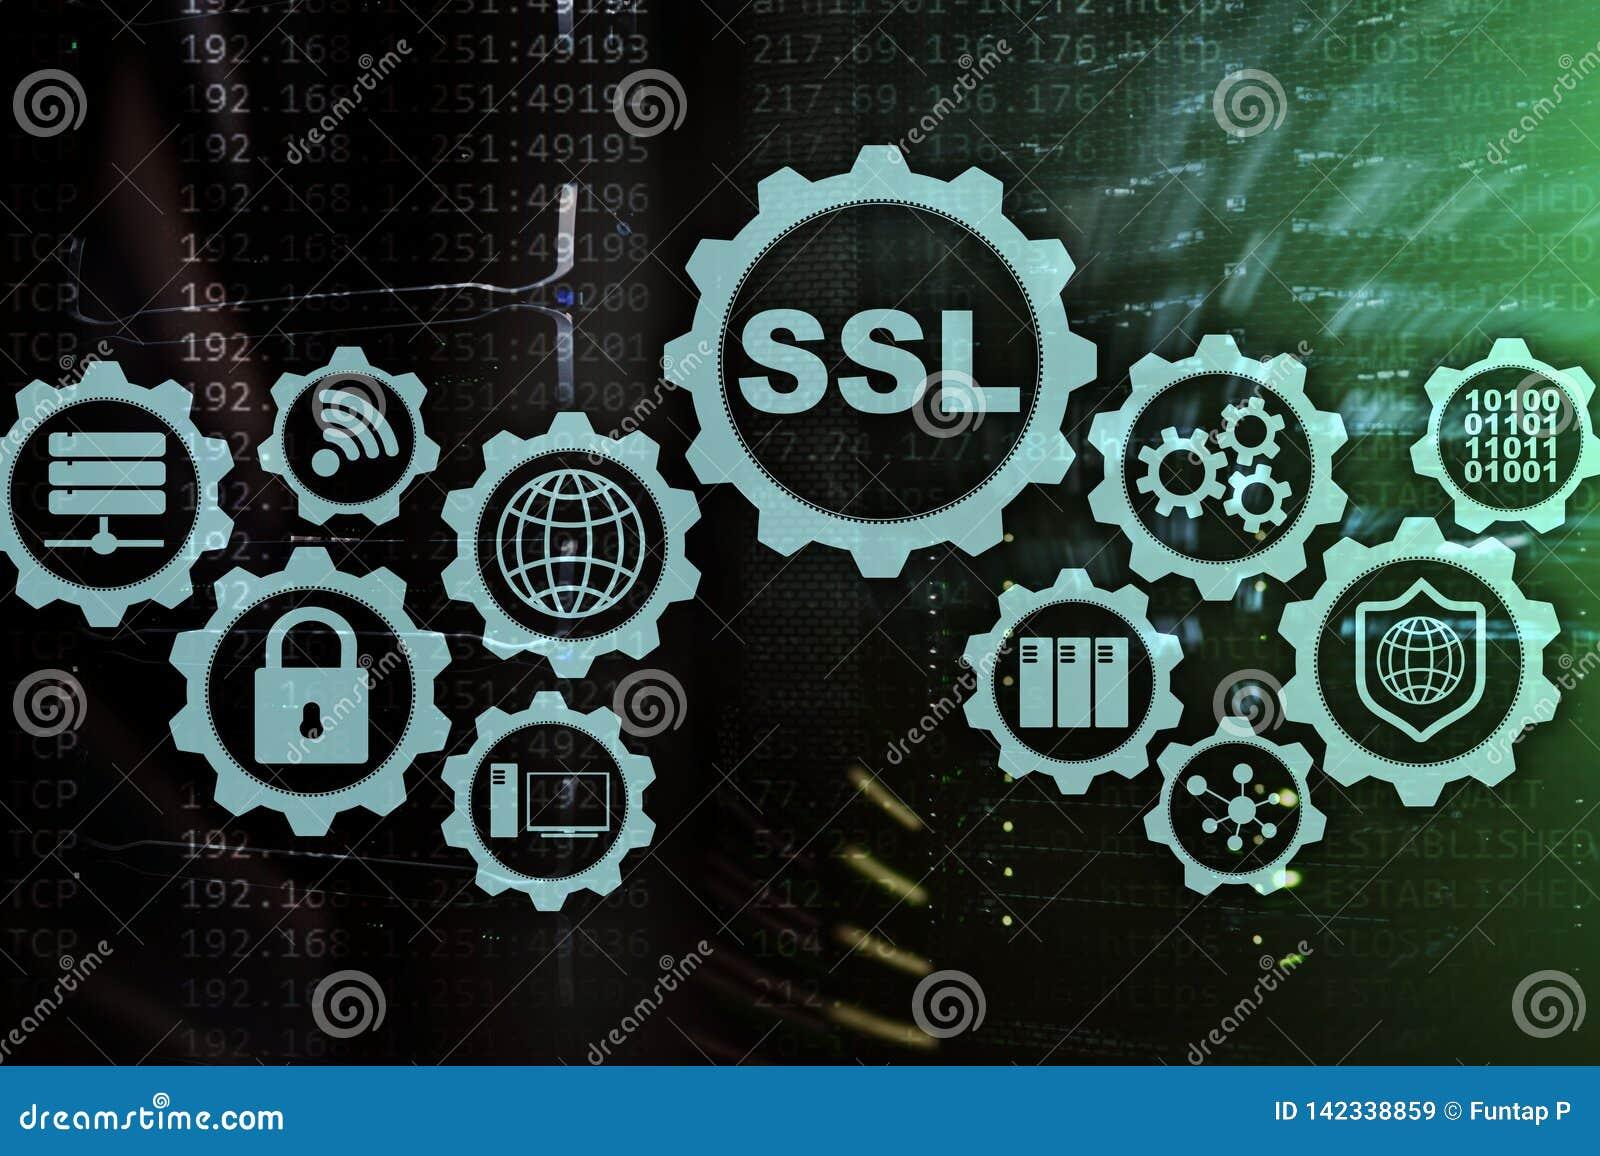 Ασφαλής έννοια στρώματος υποδοχών SSL Τα κρυπτογραφικά πρωτόκολλα παρέχουν τις εξασφαλισμένες επικοινωνίες Υπόβαθρο δωματίων κεντ